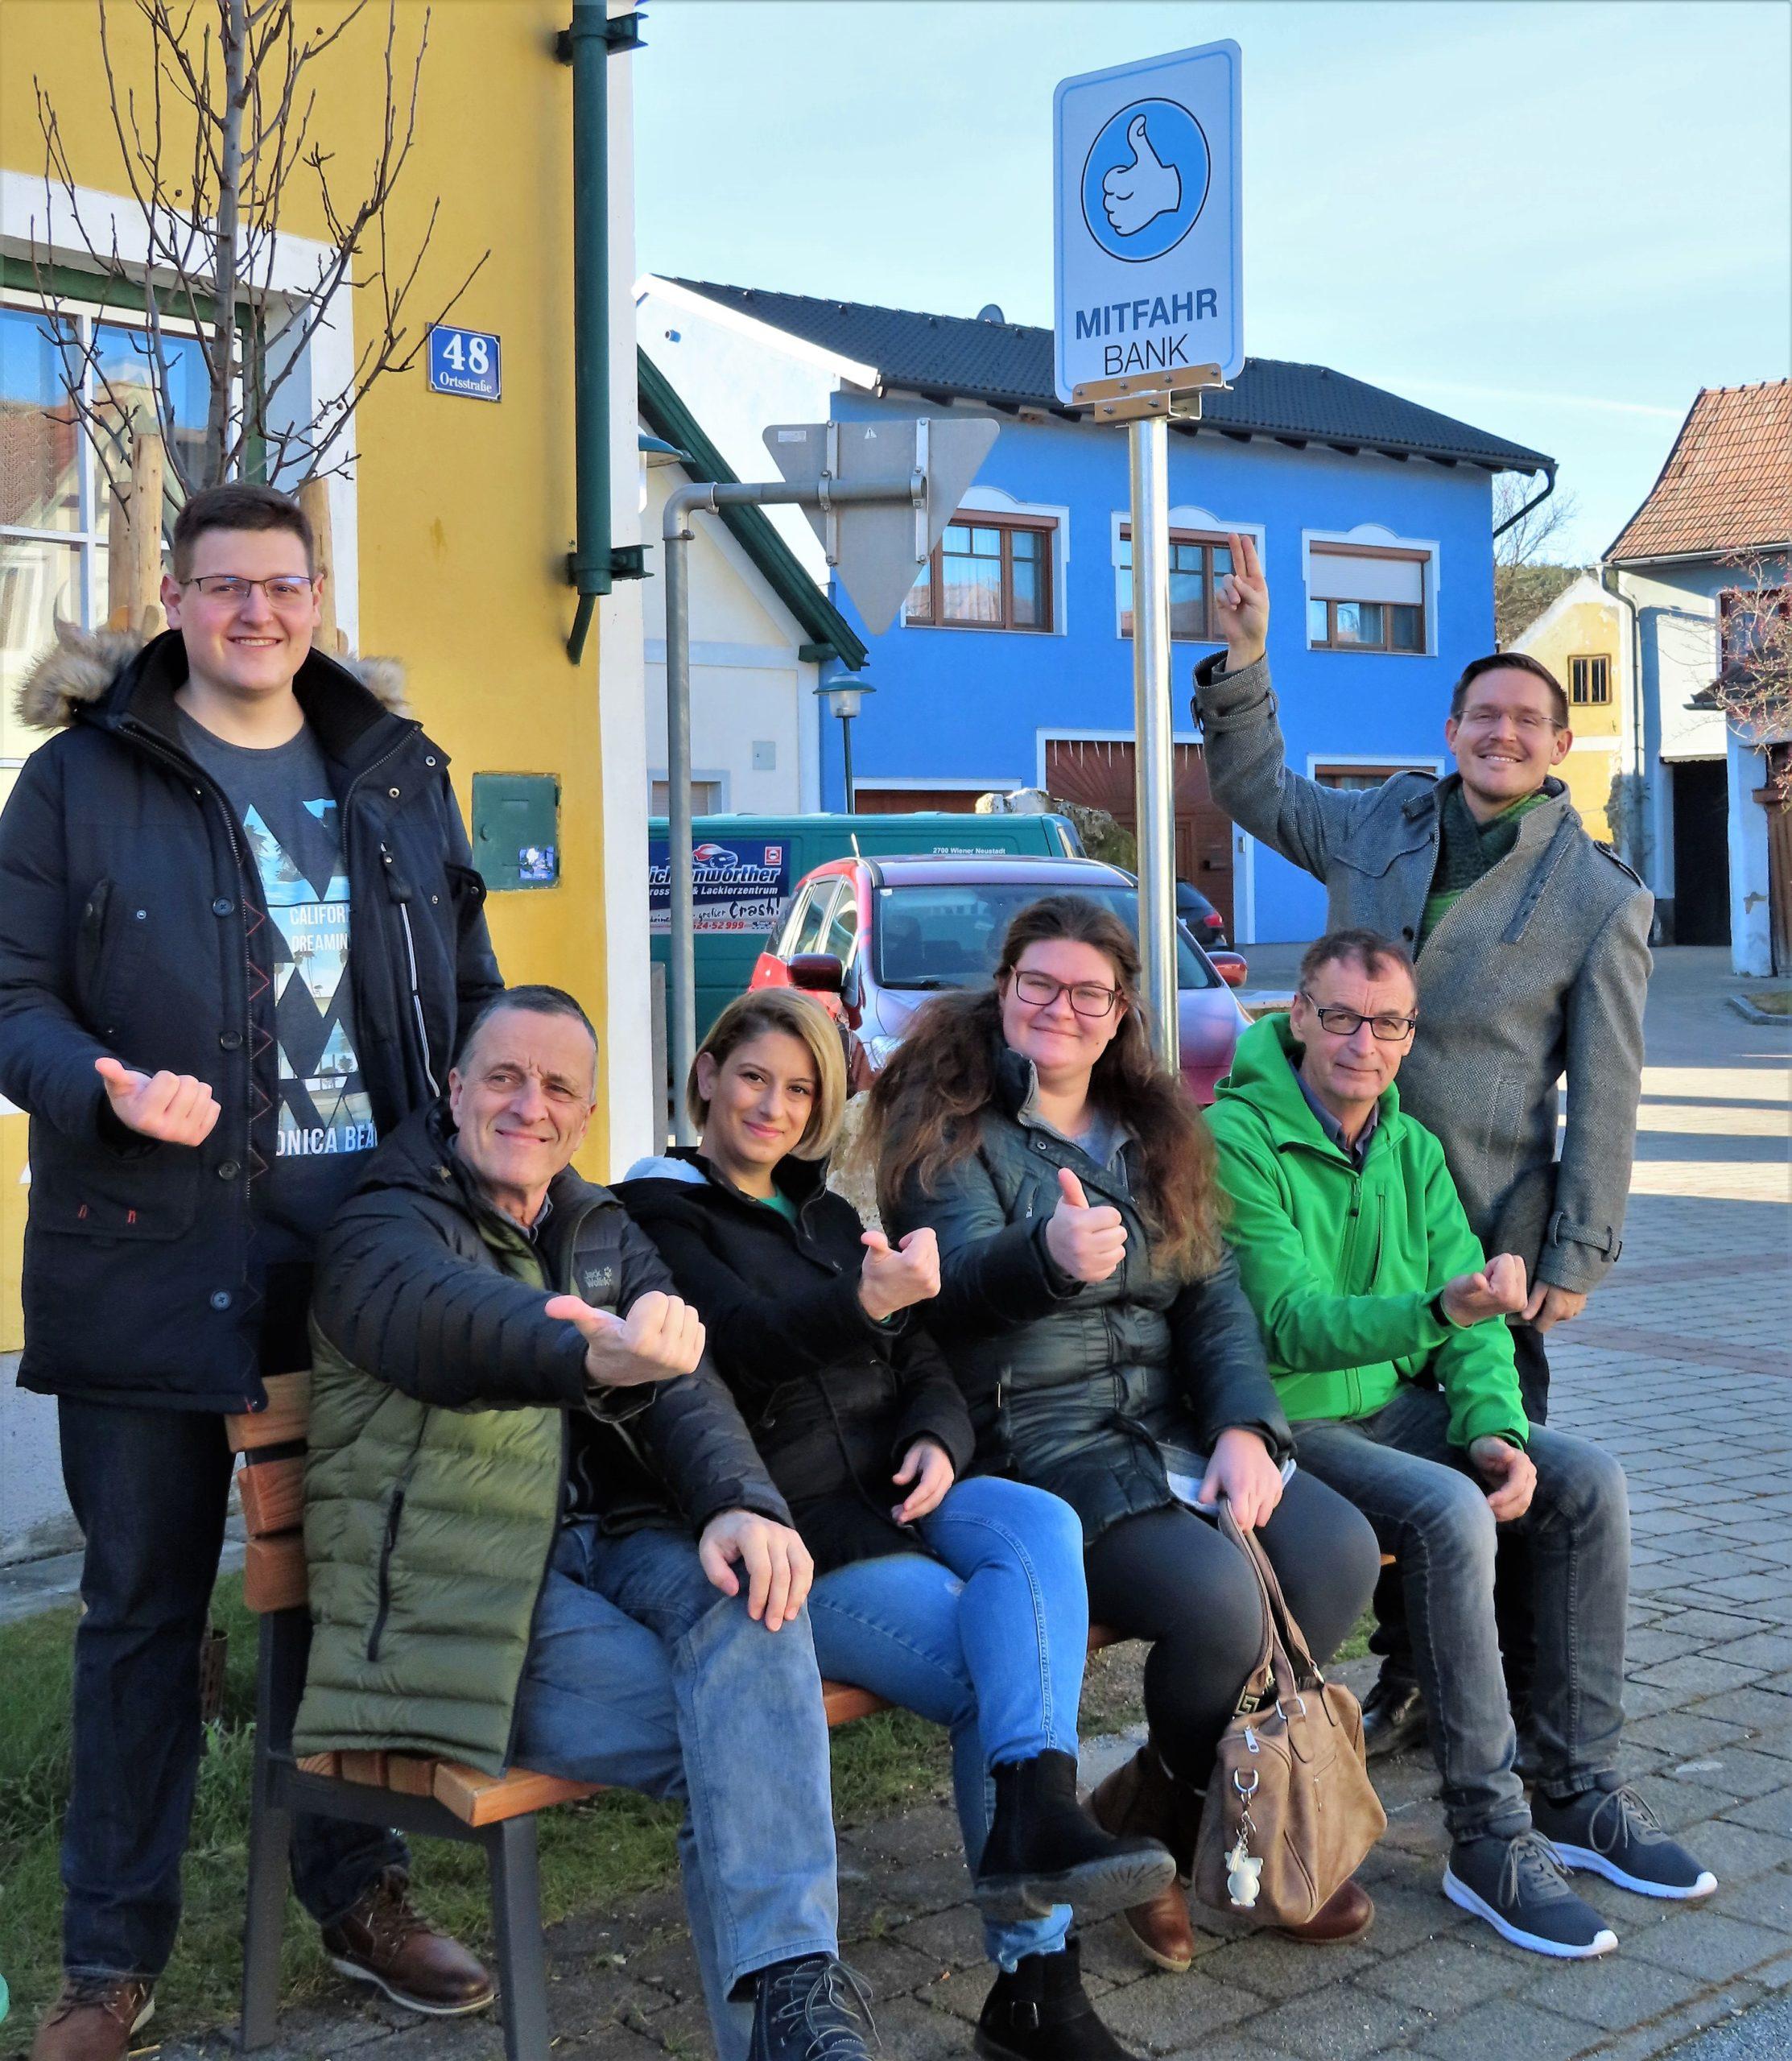 Drei Mitfahrbankerl stehen jetzt auch in Neunkirchen